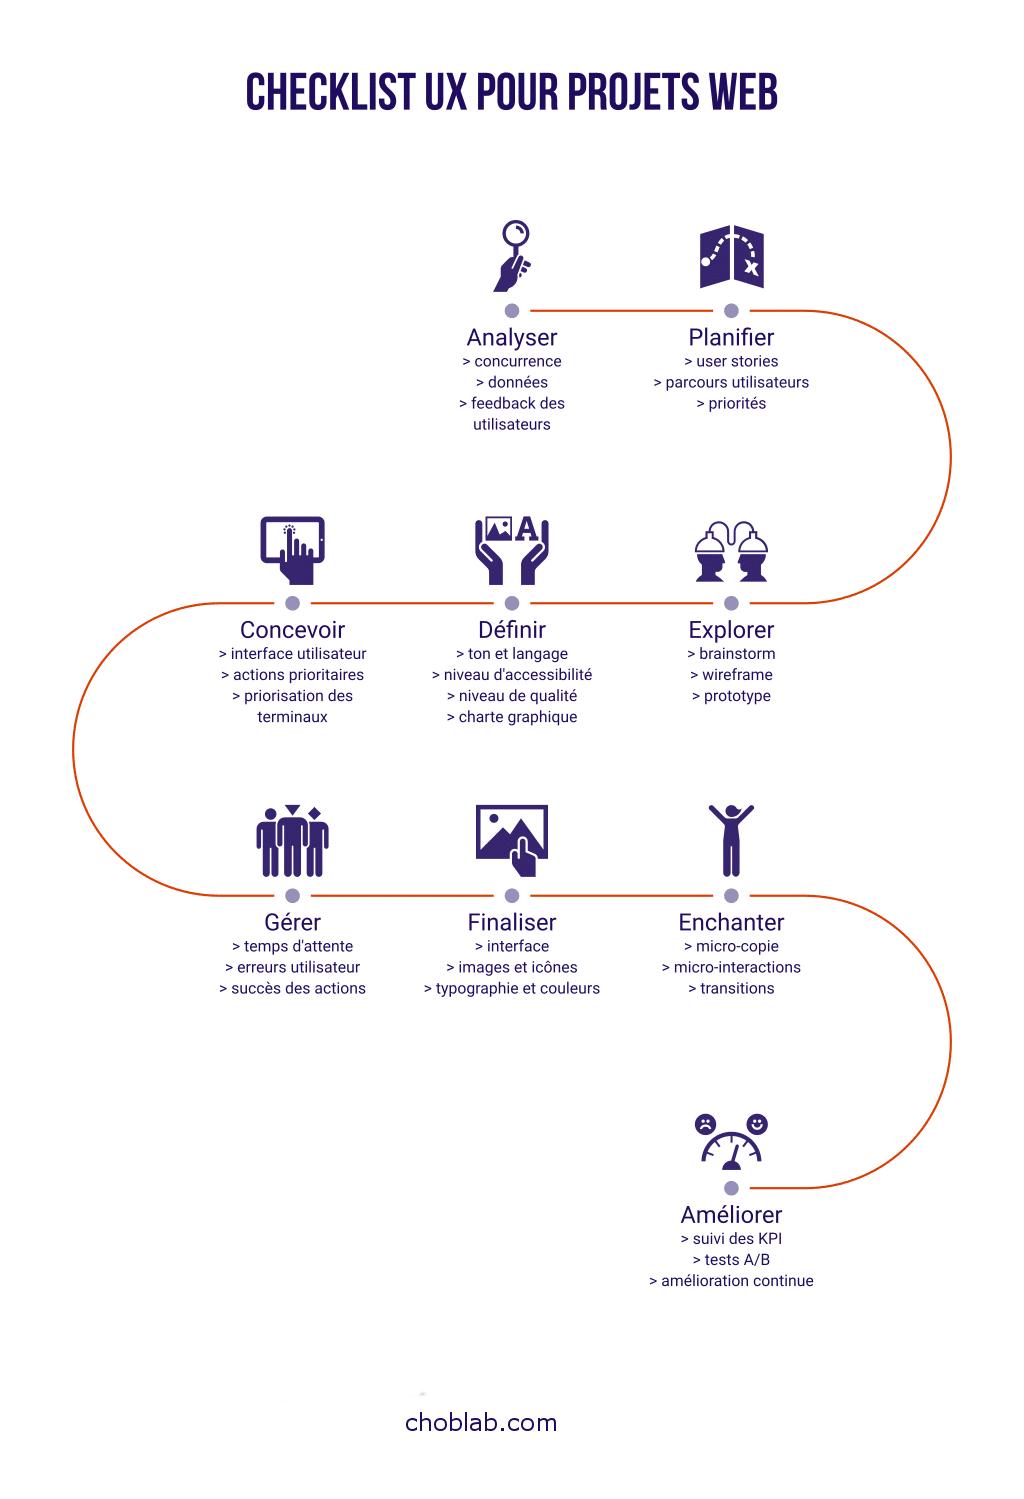 Checklist UX pour projets web - Choblab